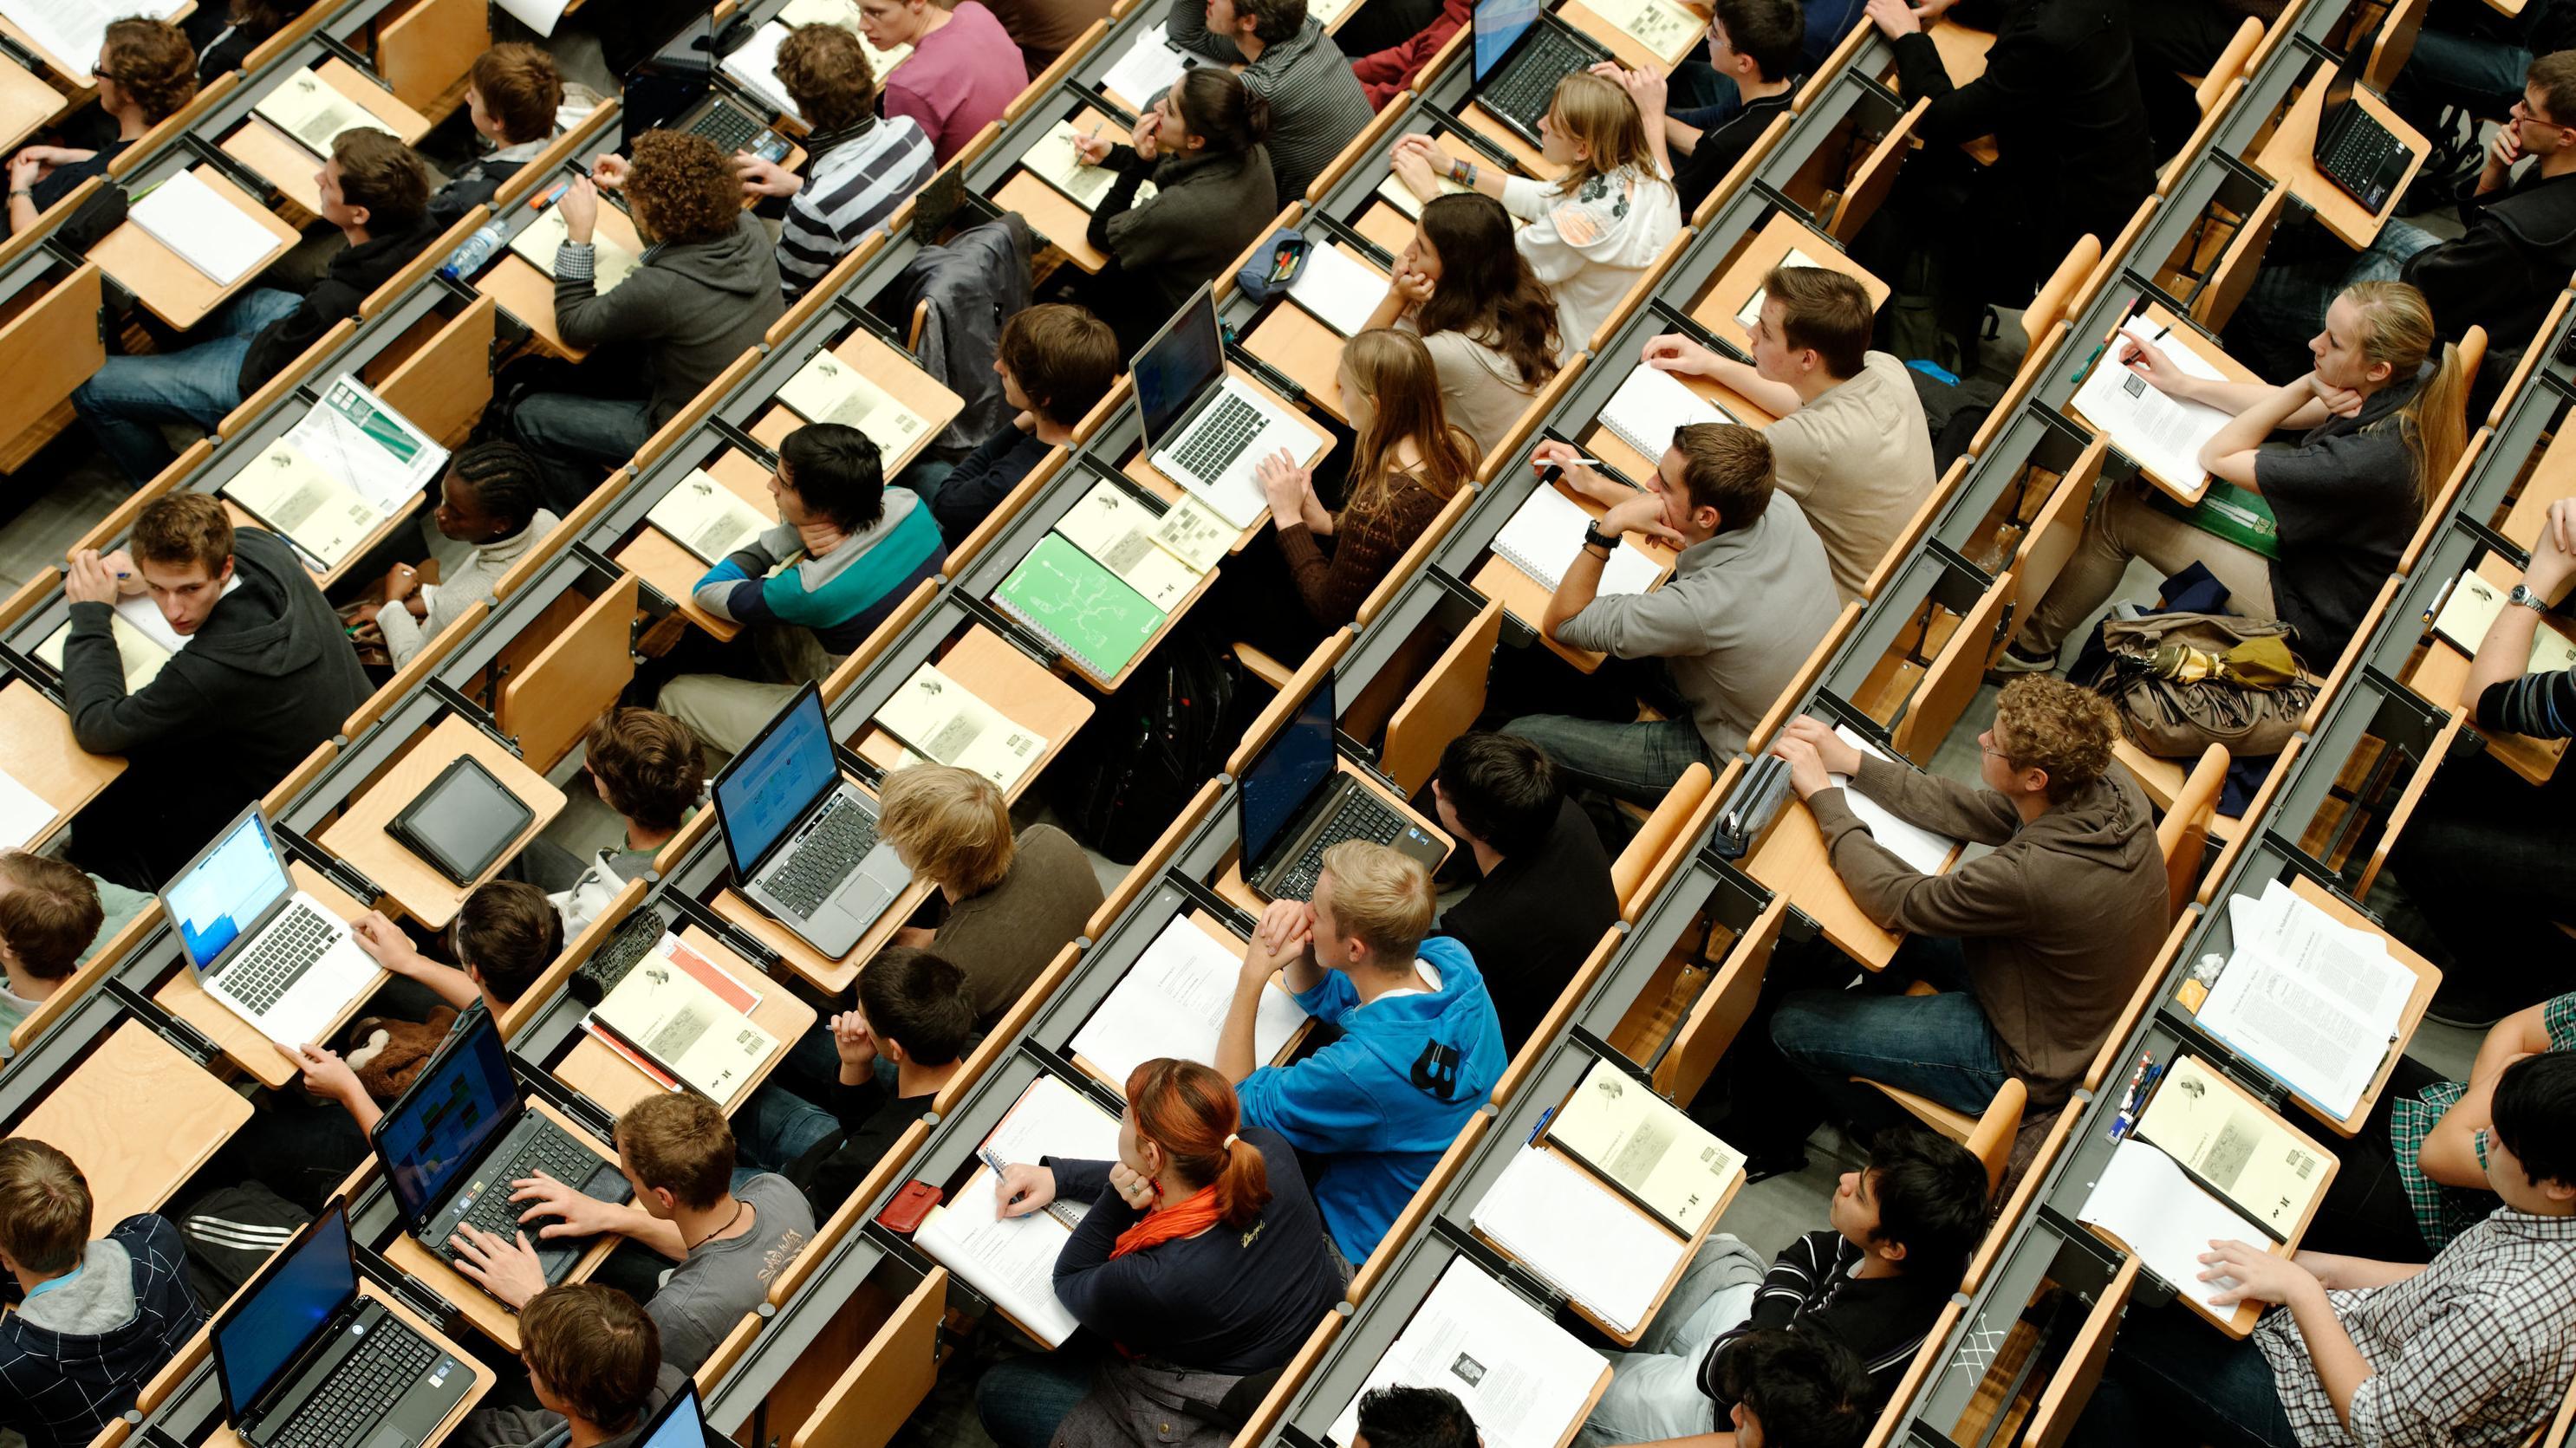 Studenten im großen Hörsaal der Technischen Universität München (Archivbild)